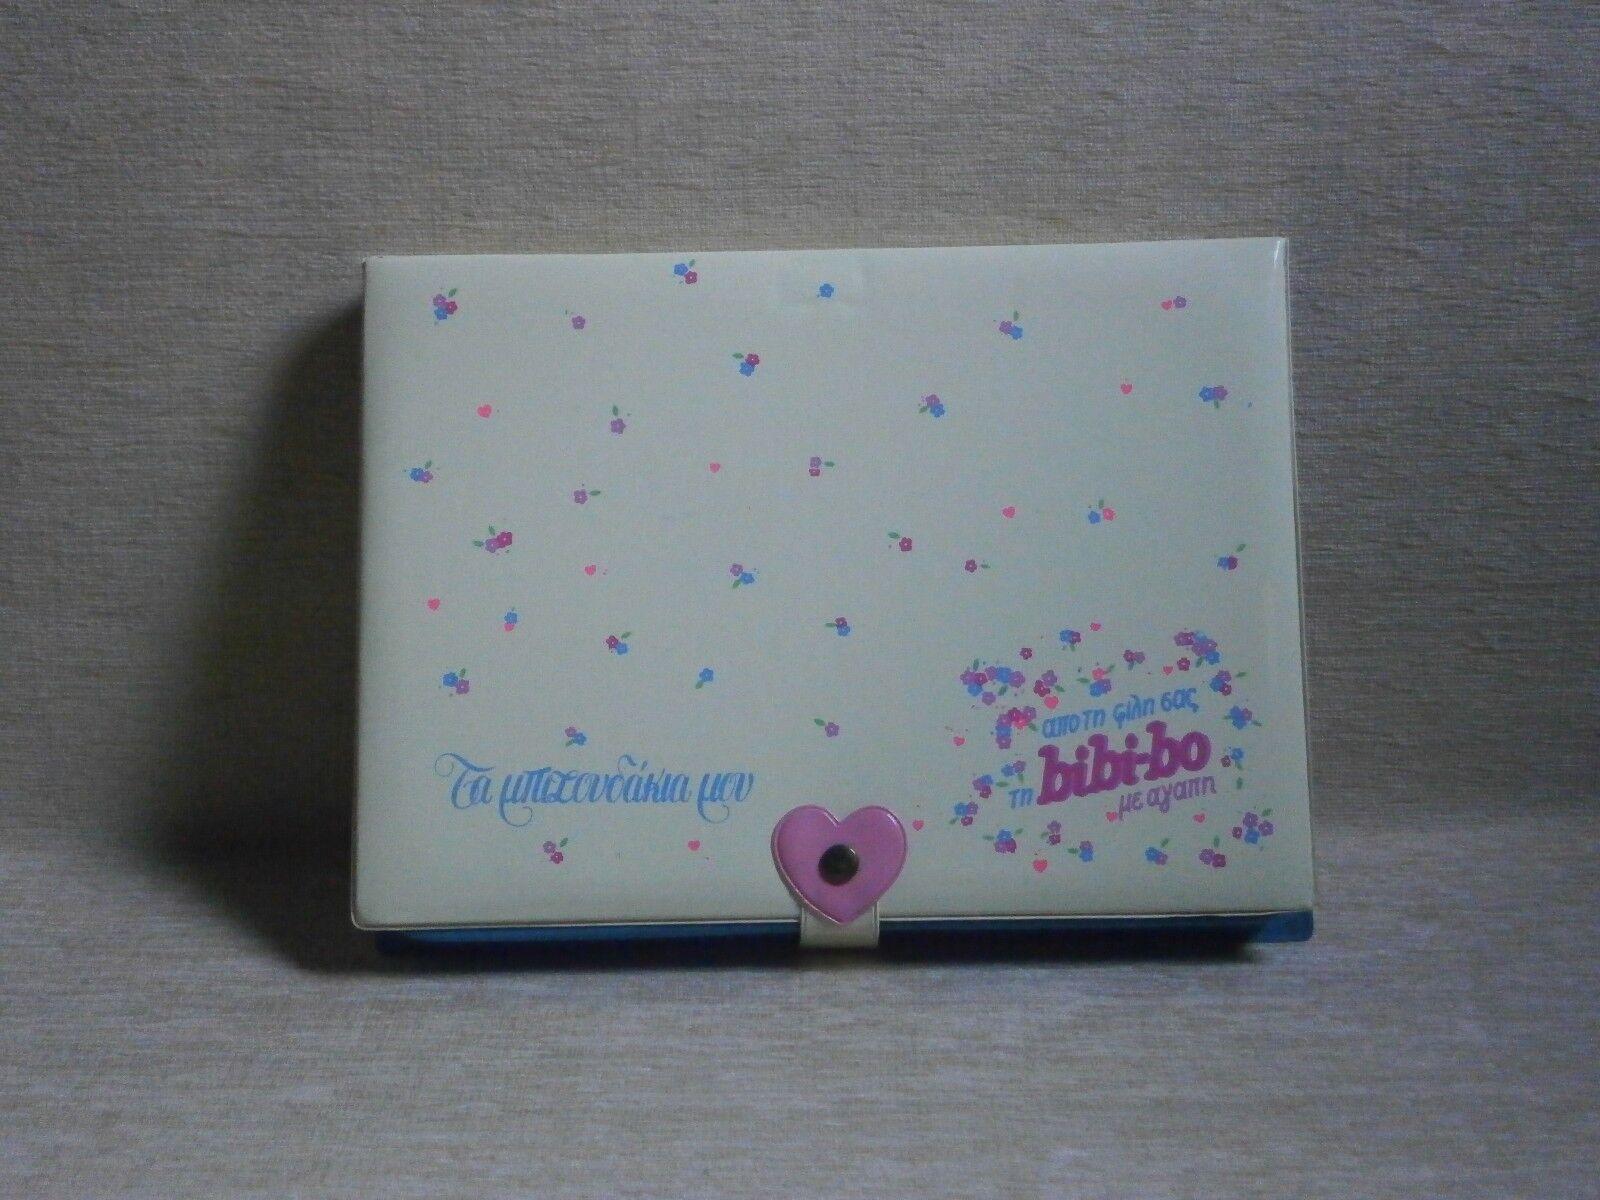 BIBI BO   MY BIJOUX CASE   NEW MADE IN GREECE el greco GREEK VTG 80s (BIG BOX)